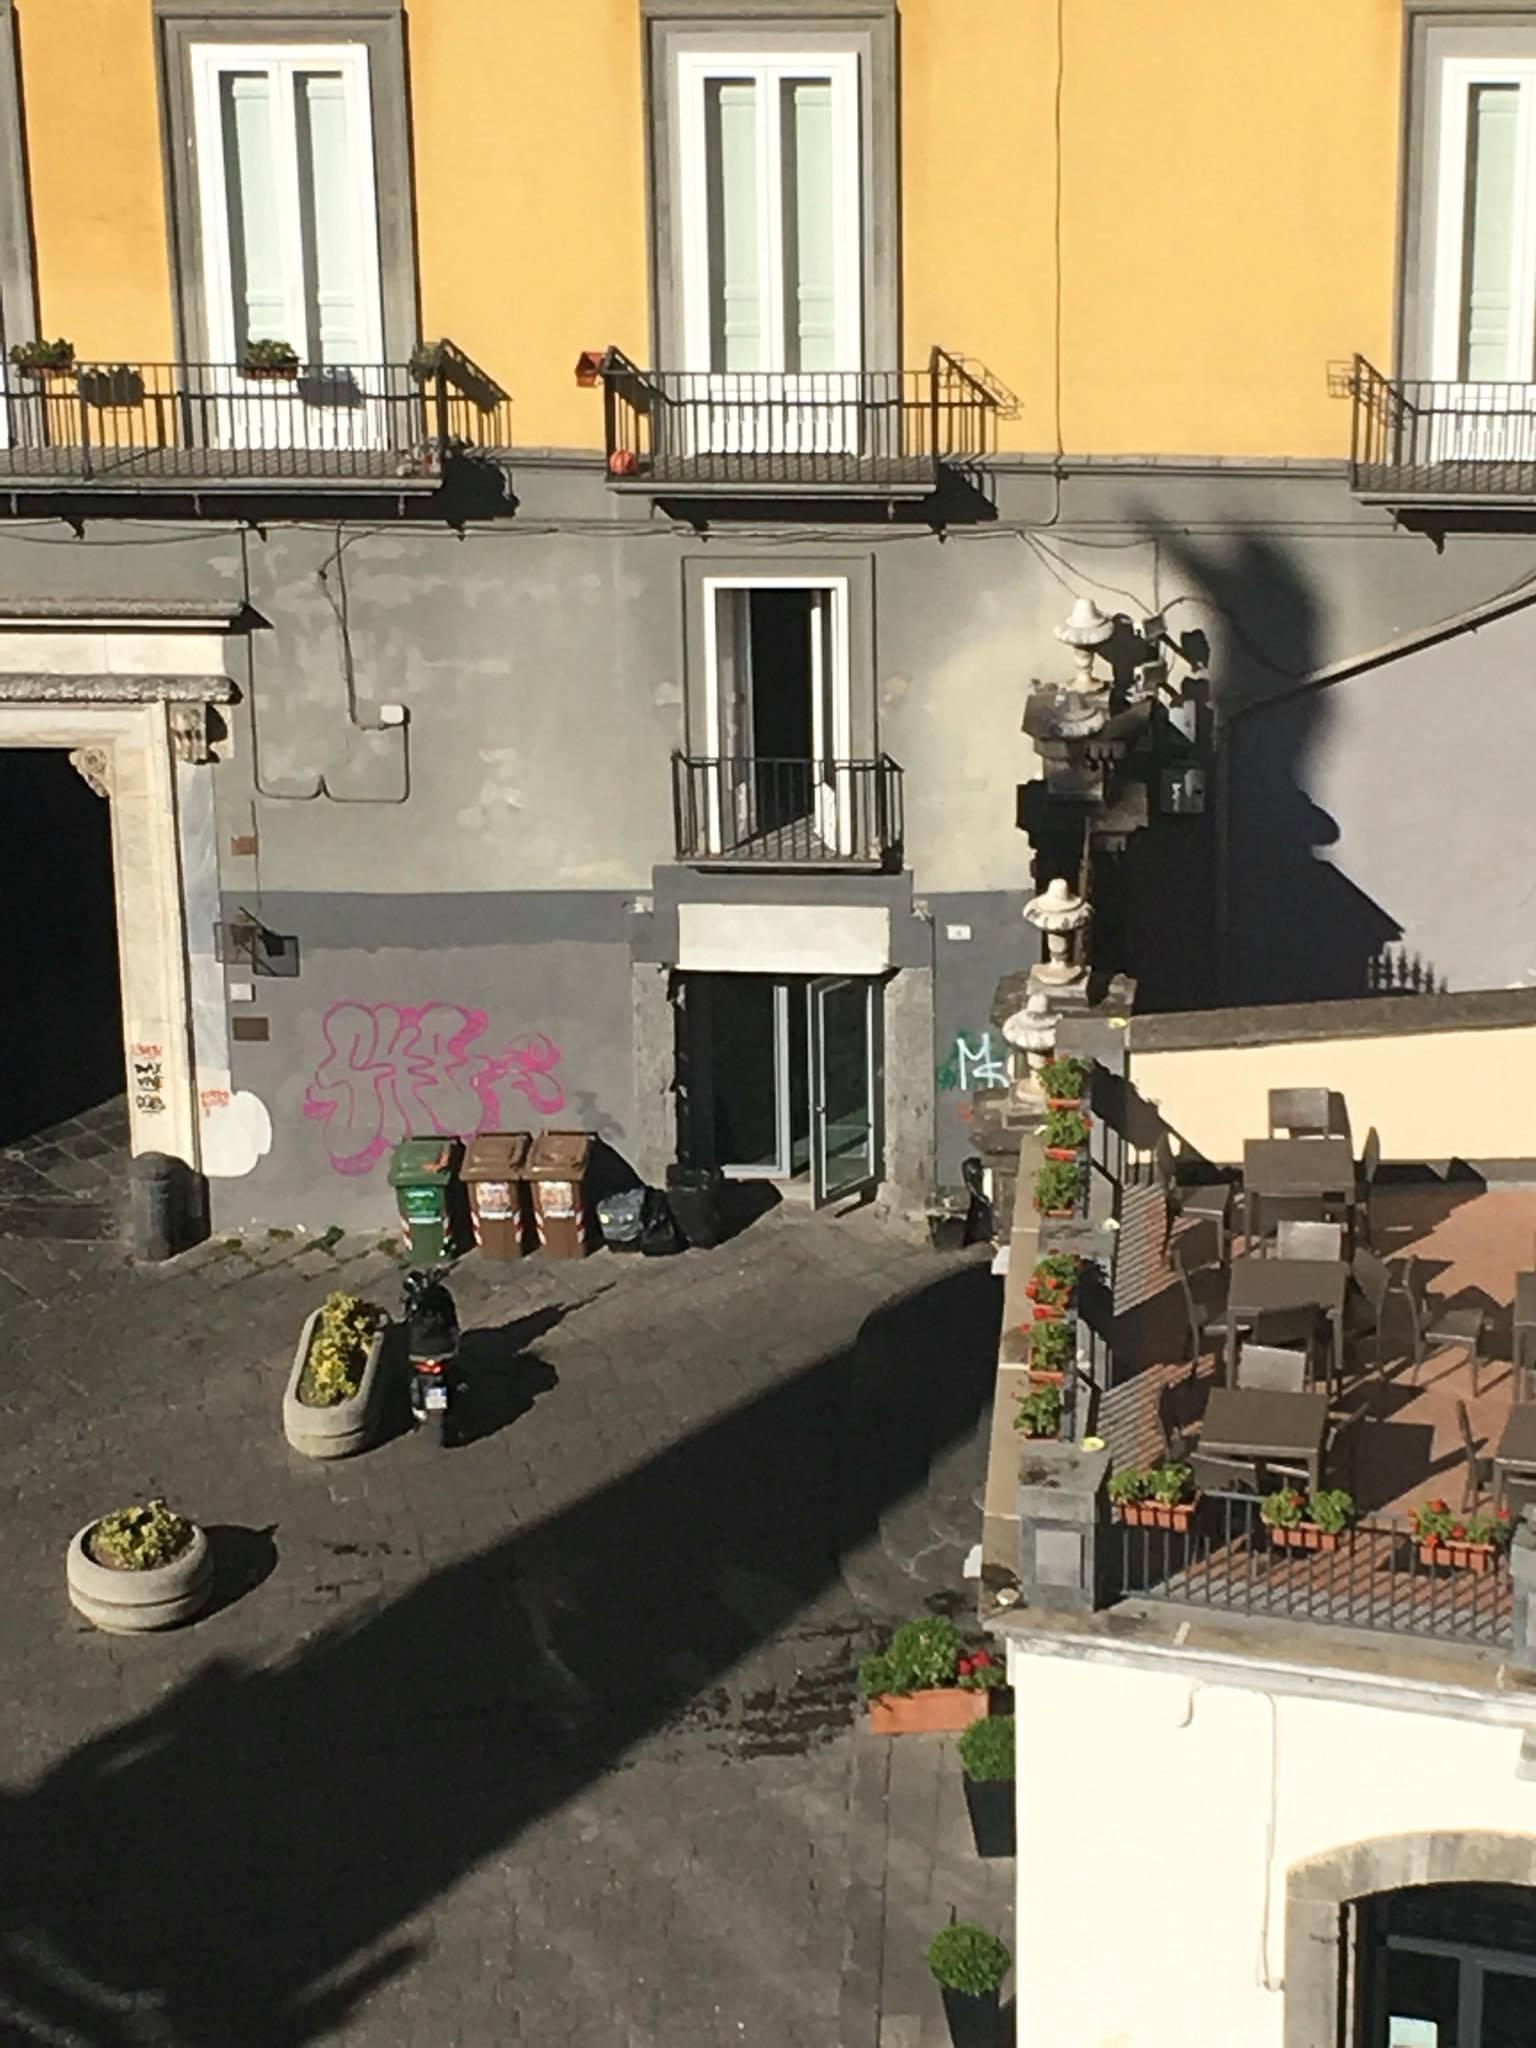 chi va all'ex palazzo petrucci a Napoli